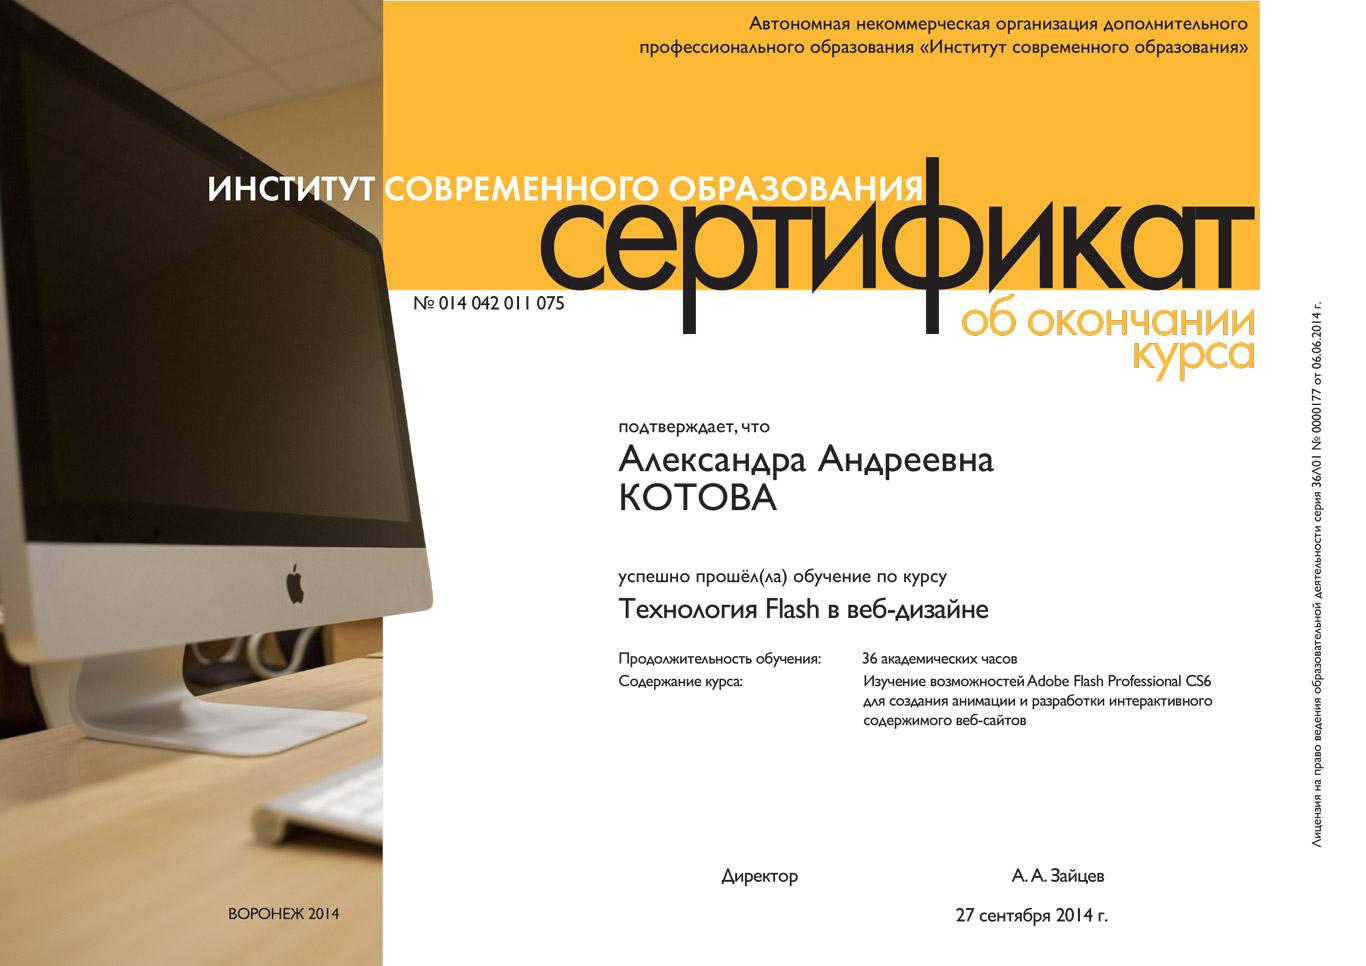 Интернет курсы по графическому дизайну